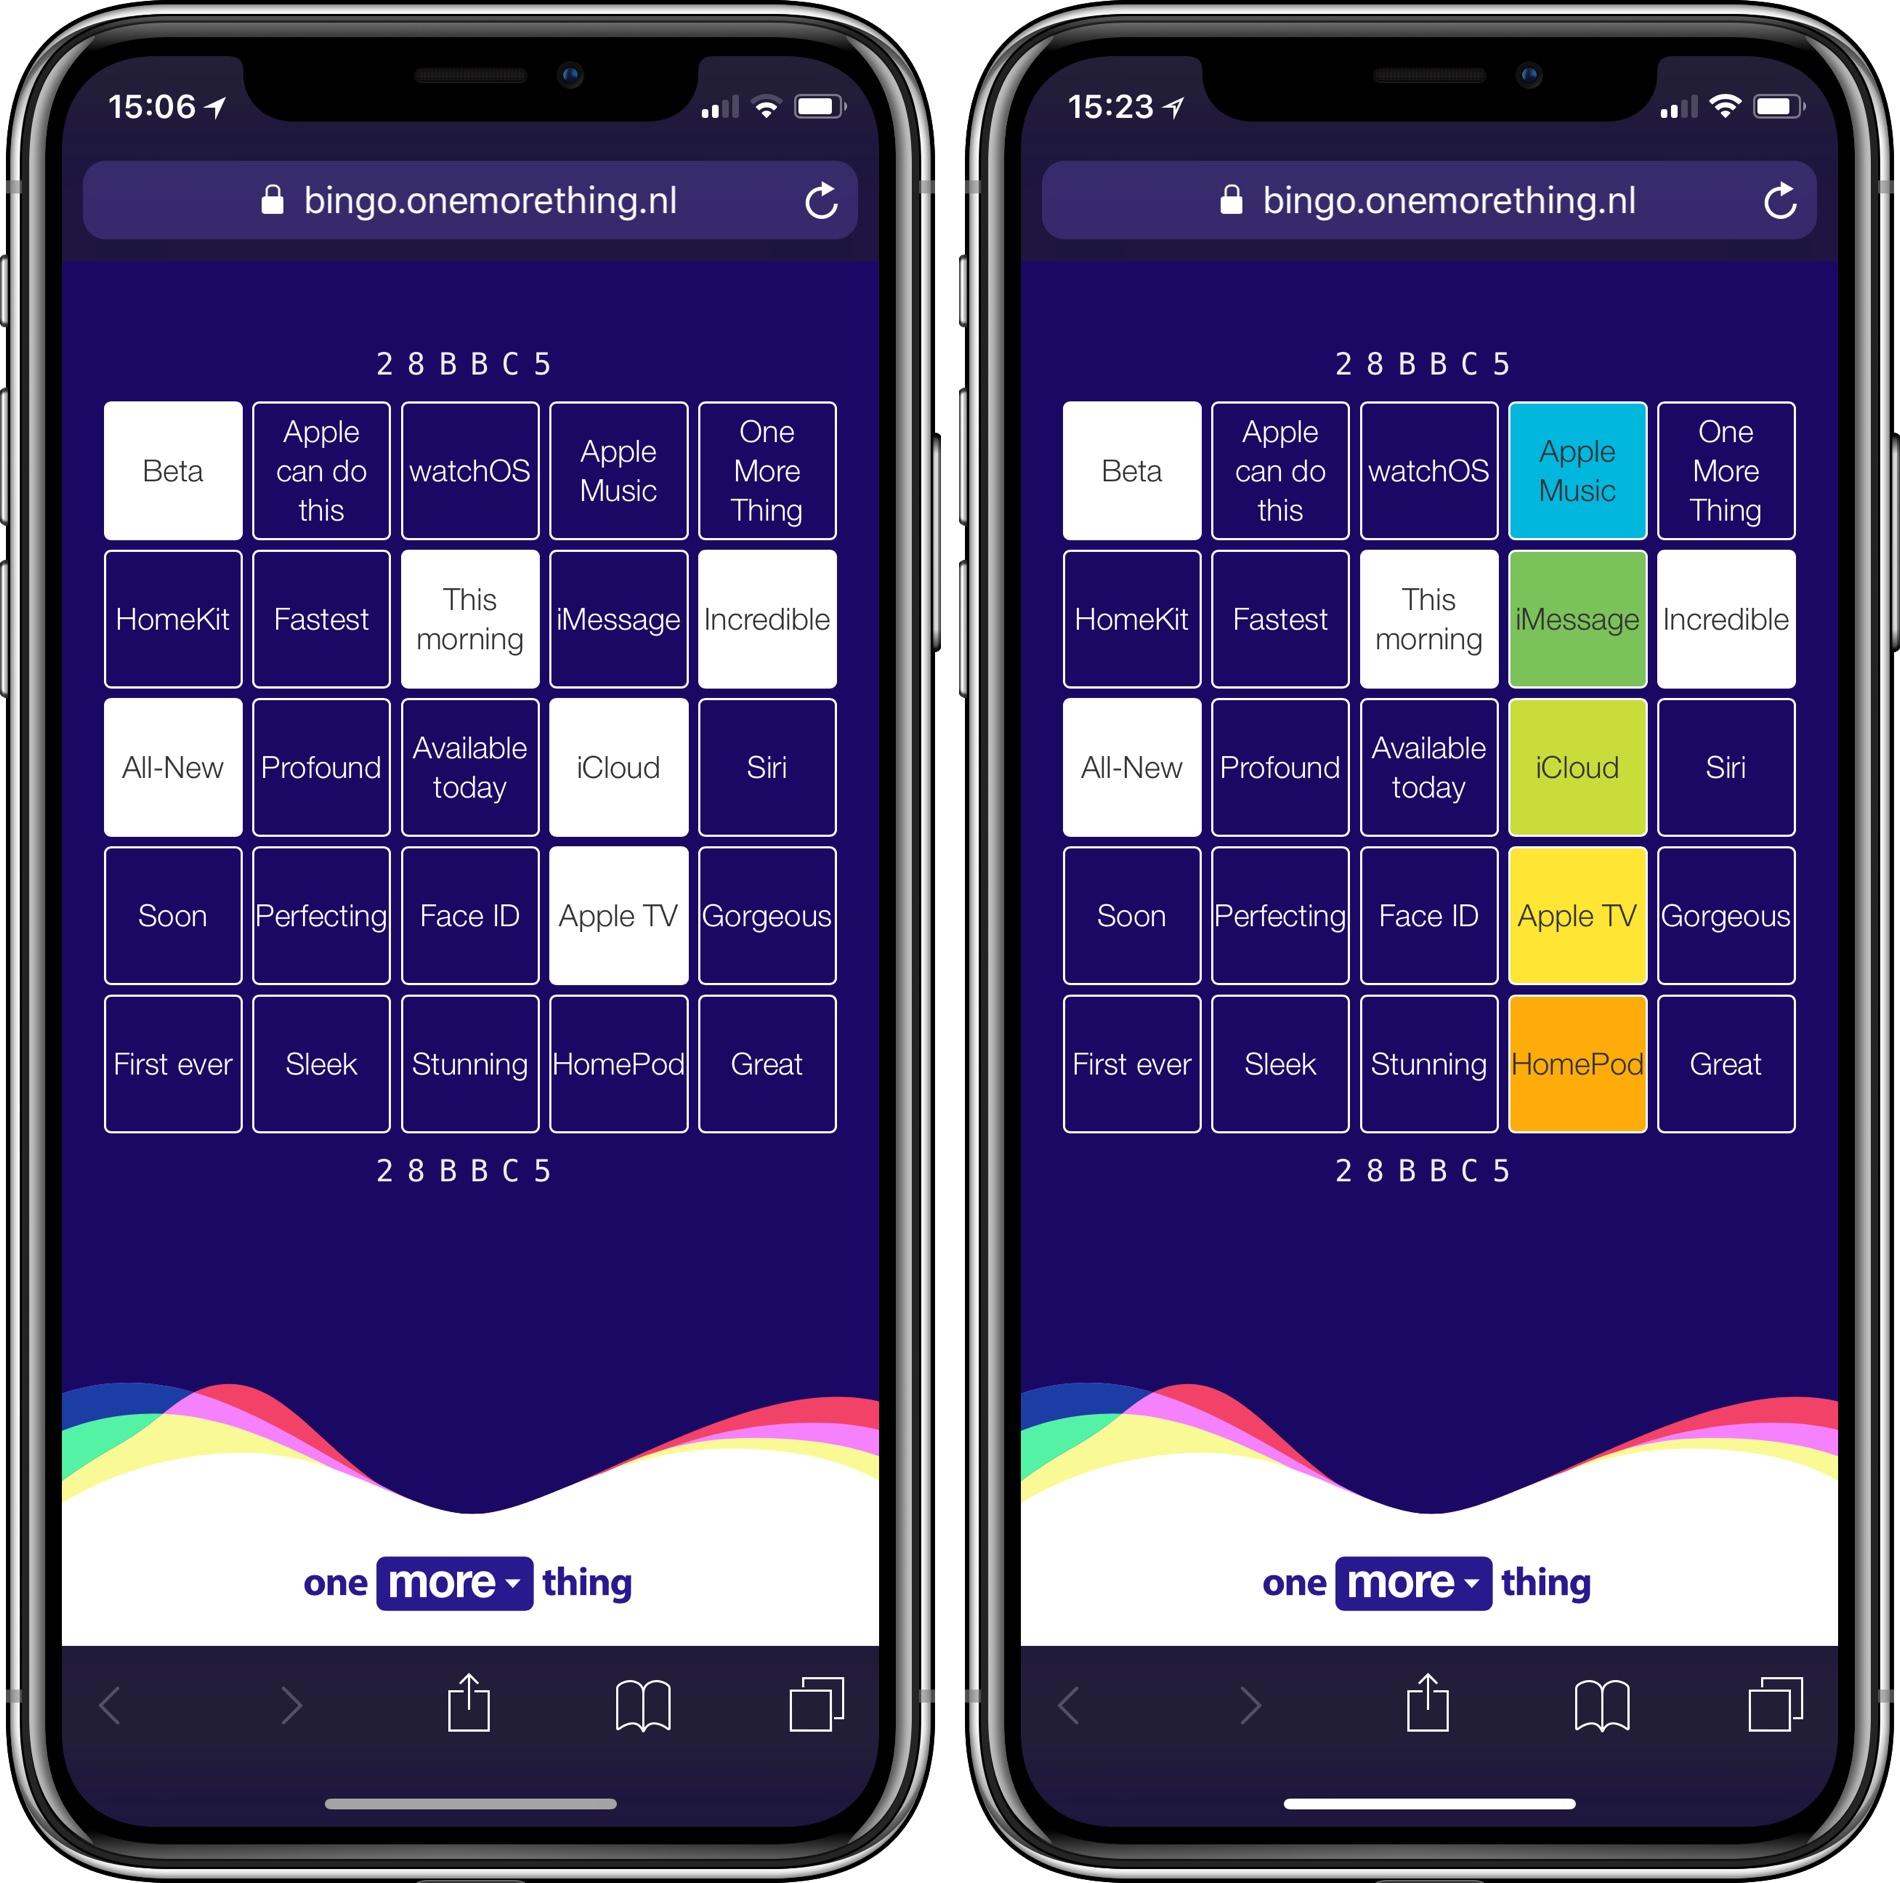 WWDC Keynote Bingo